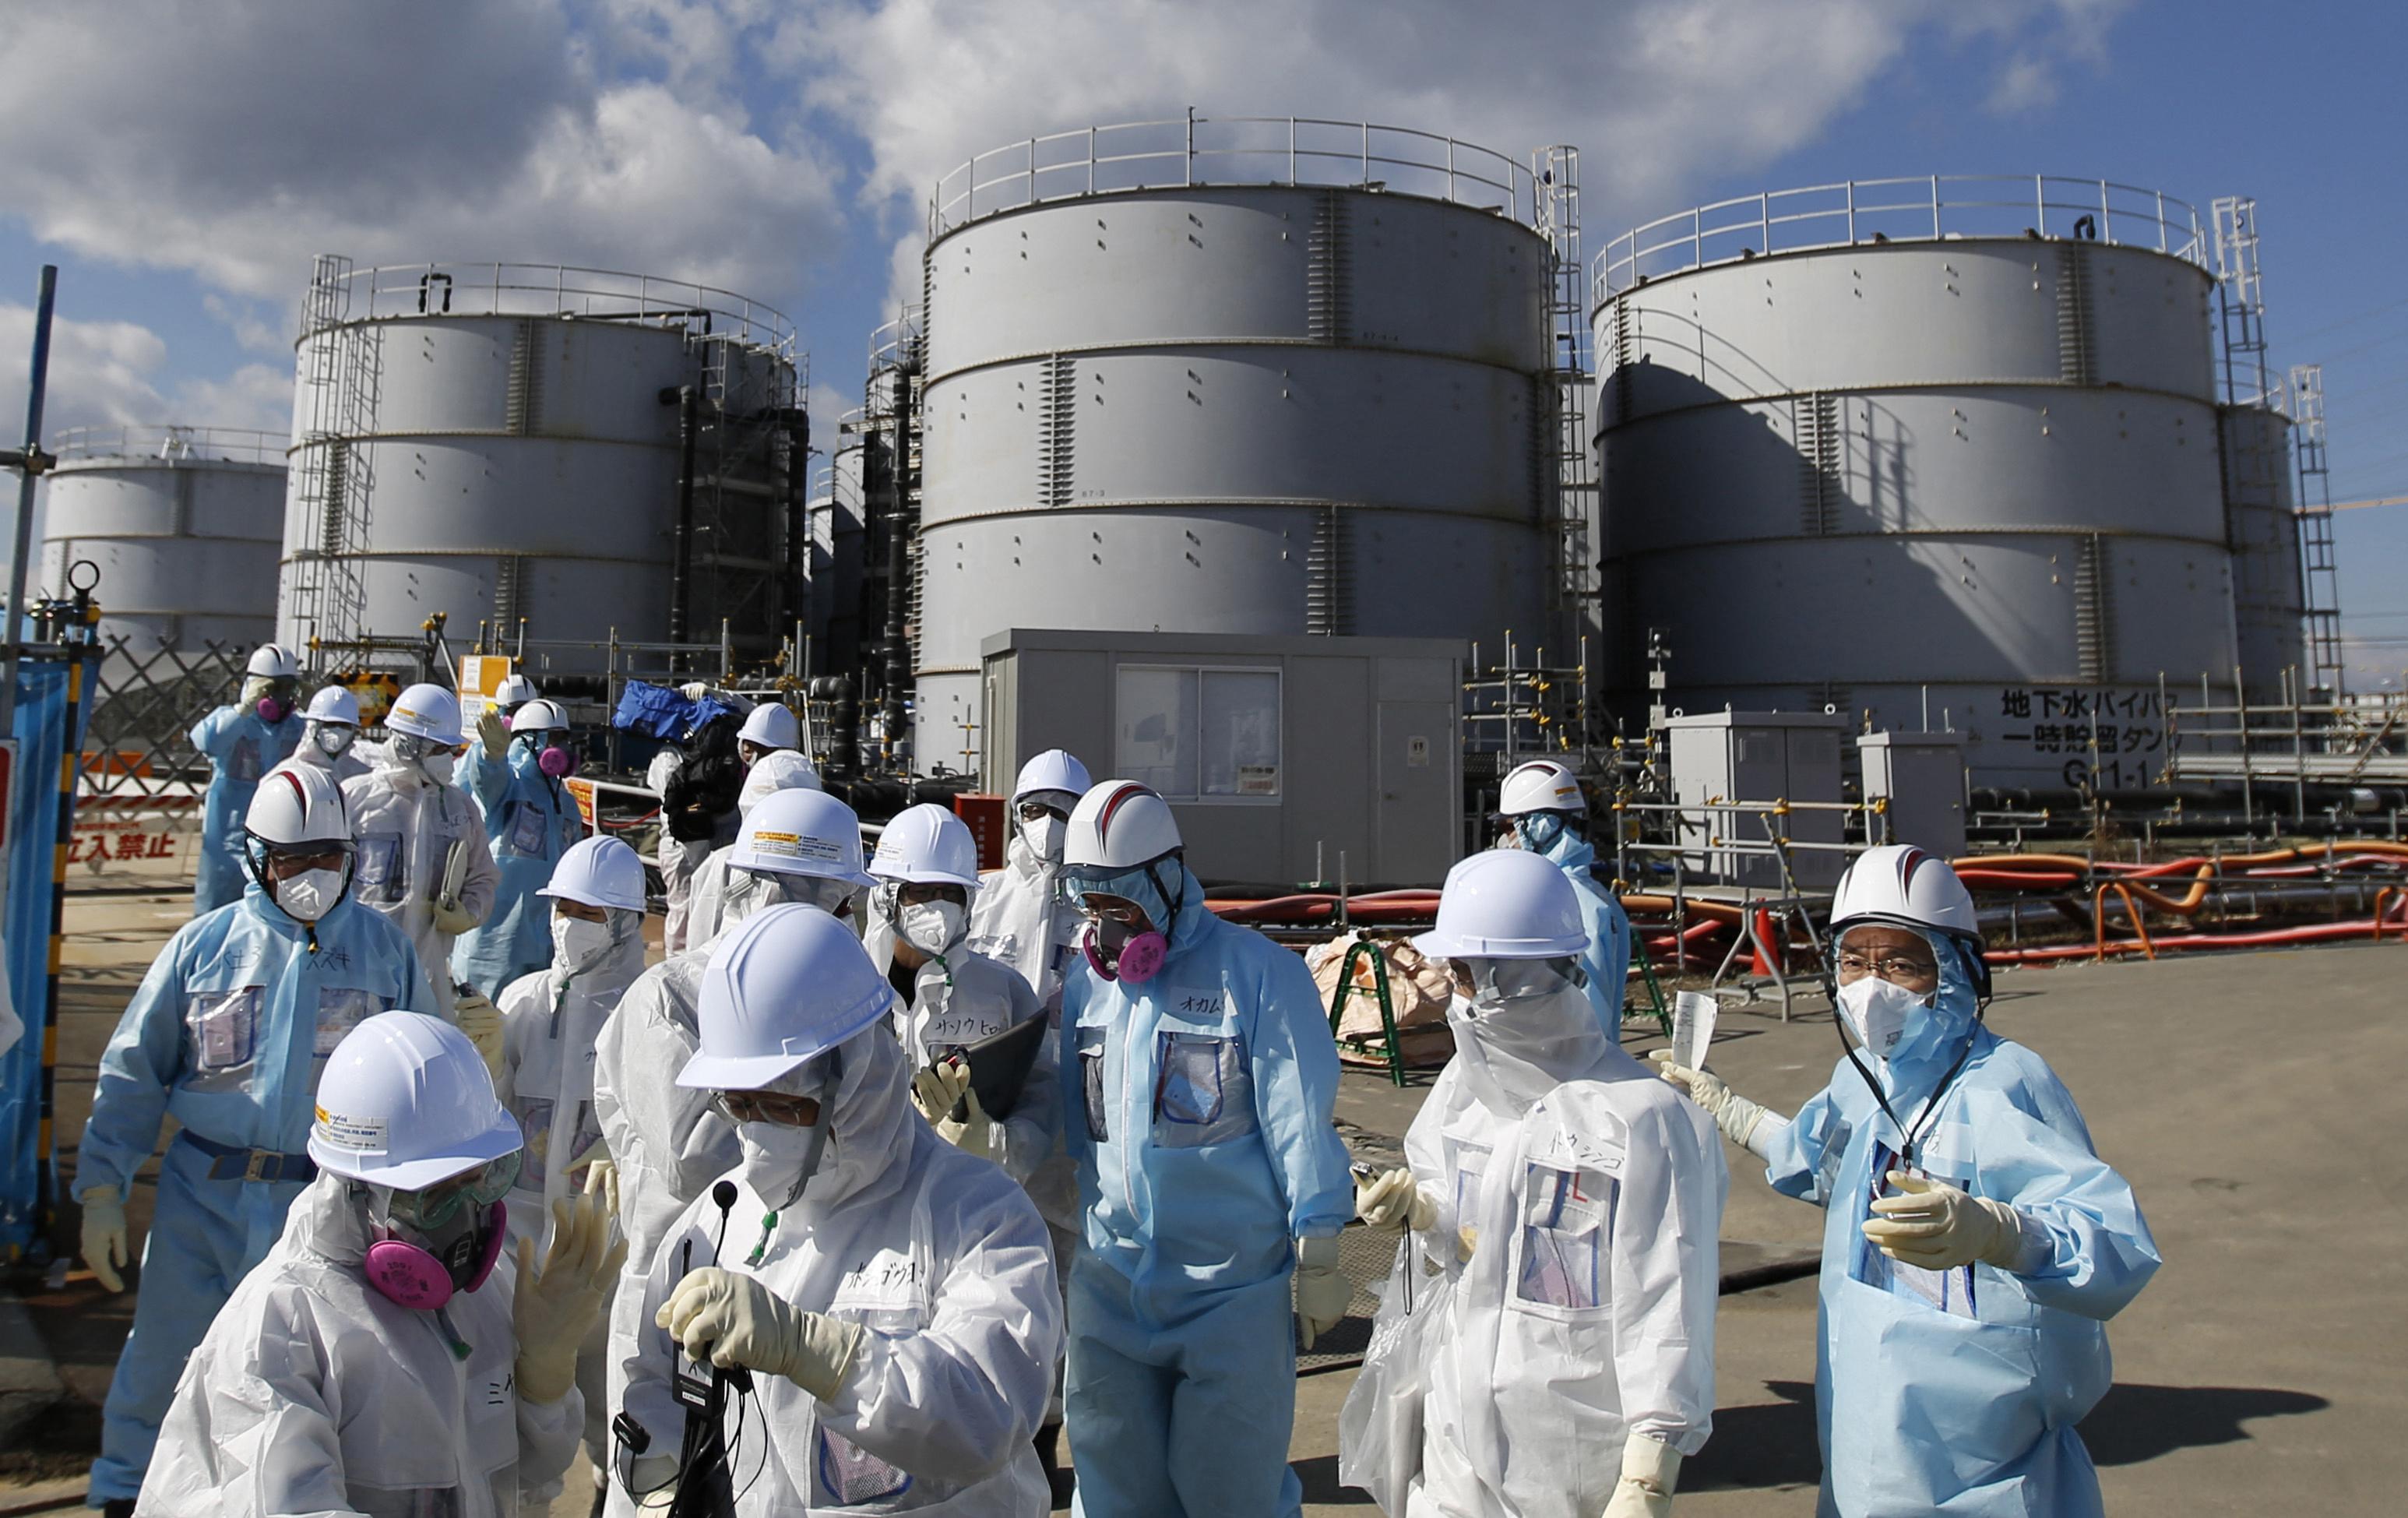 Fukushima, nuclear plant